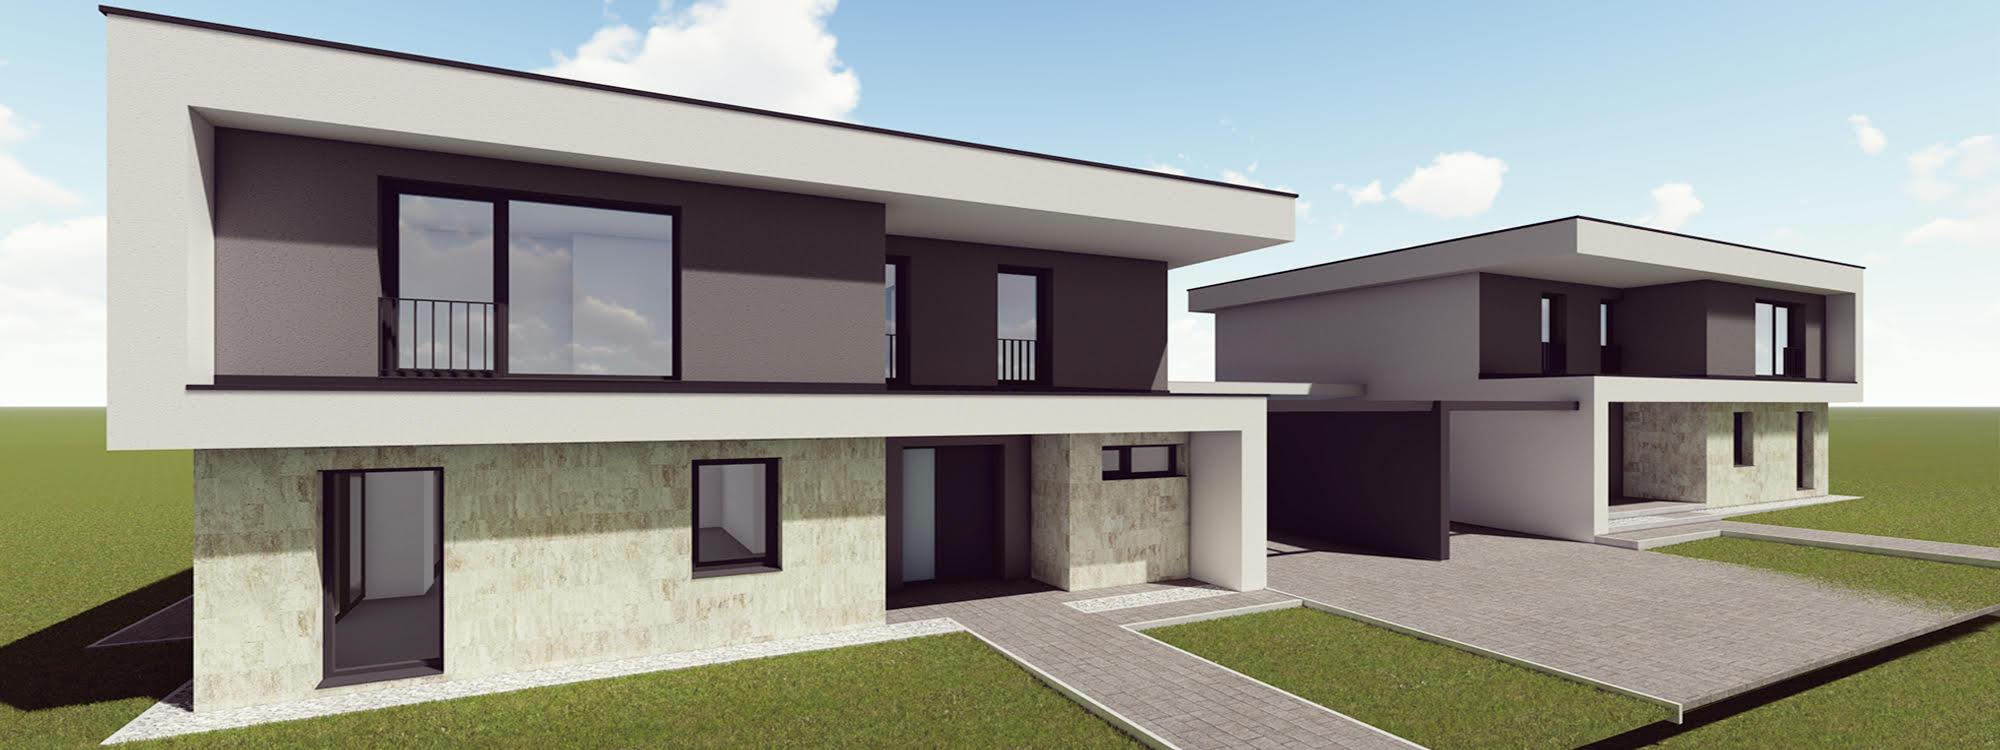 Szőlőliget Ökoparkban 140nm-es újépítésű ikerházi lakások eladók